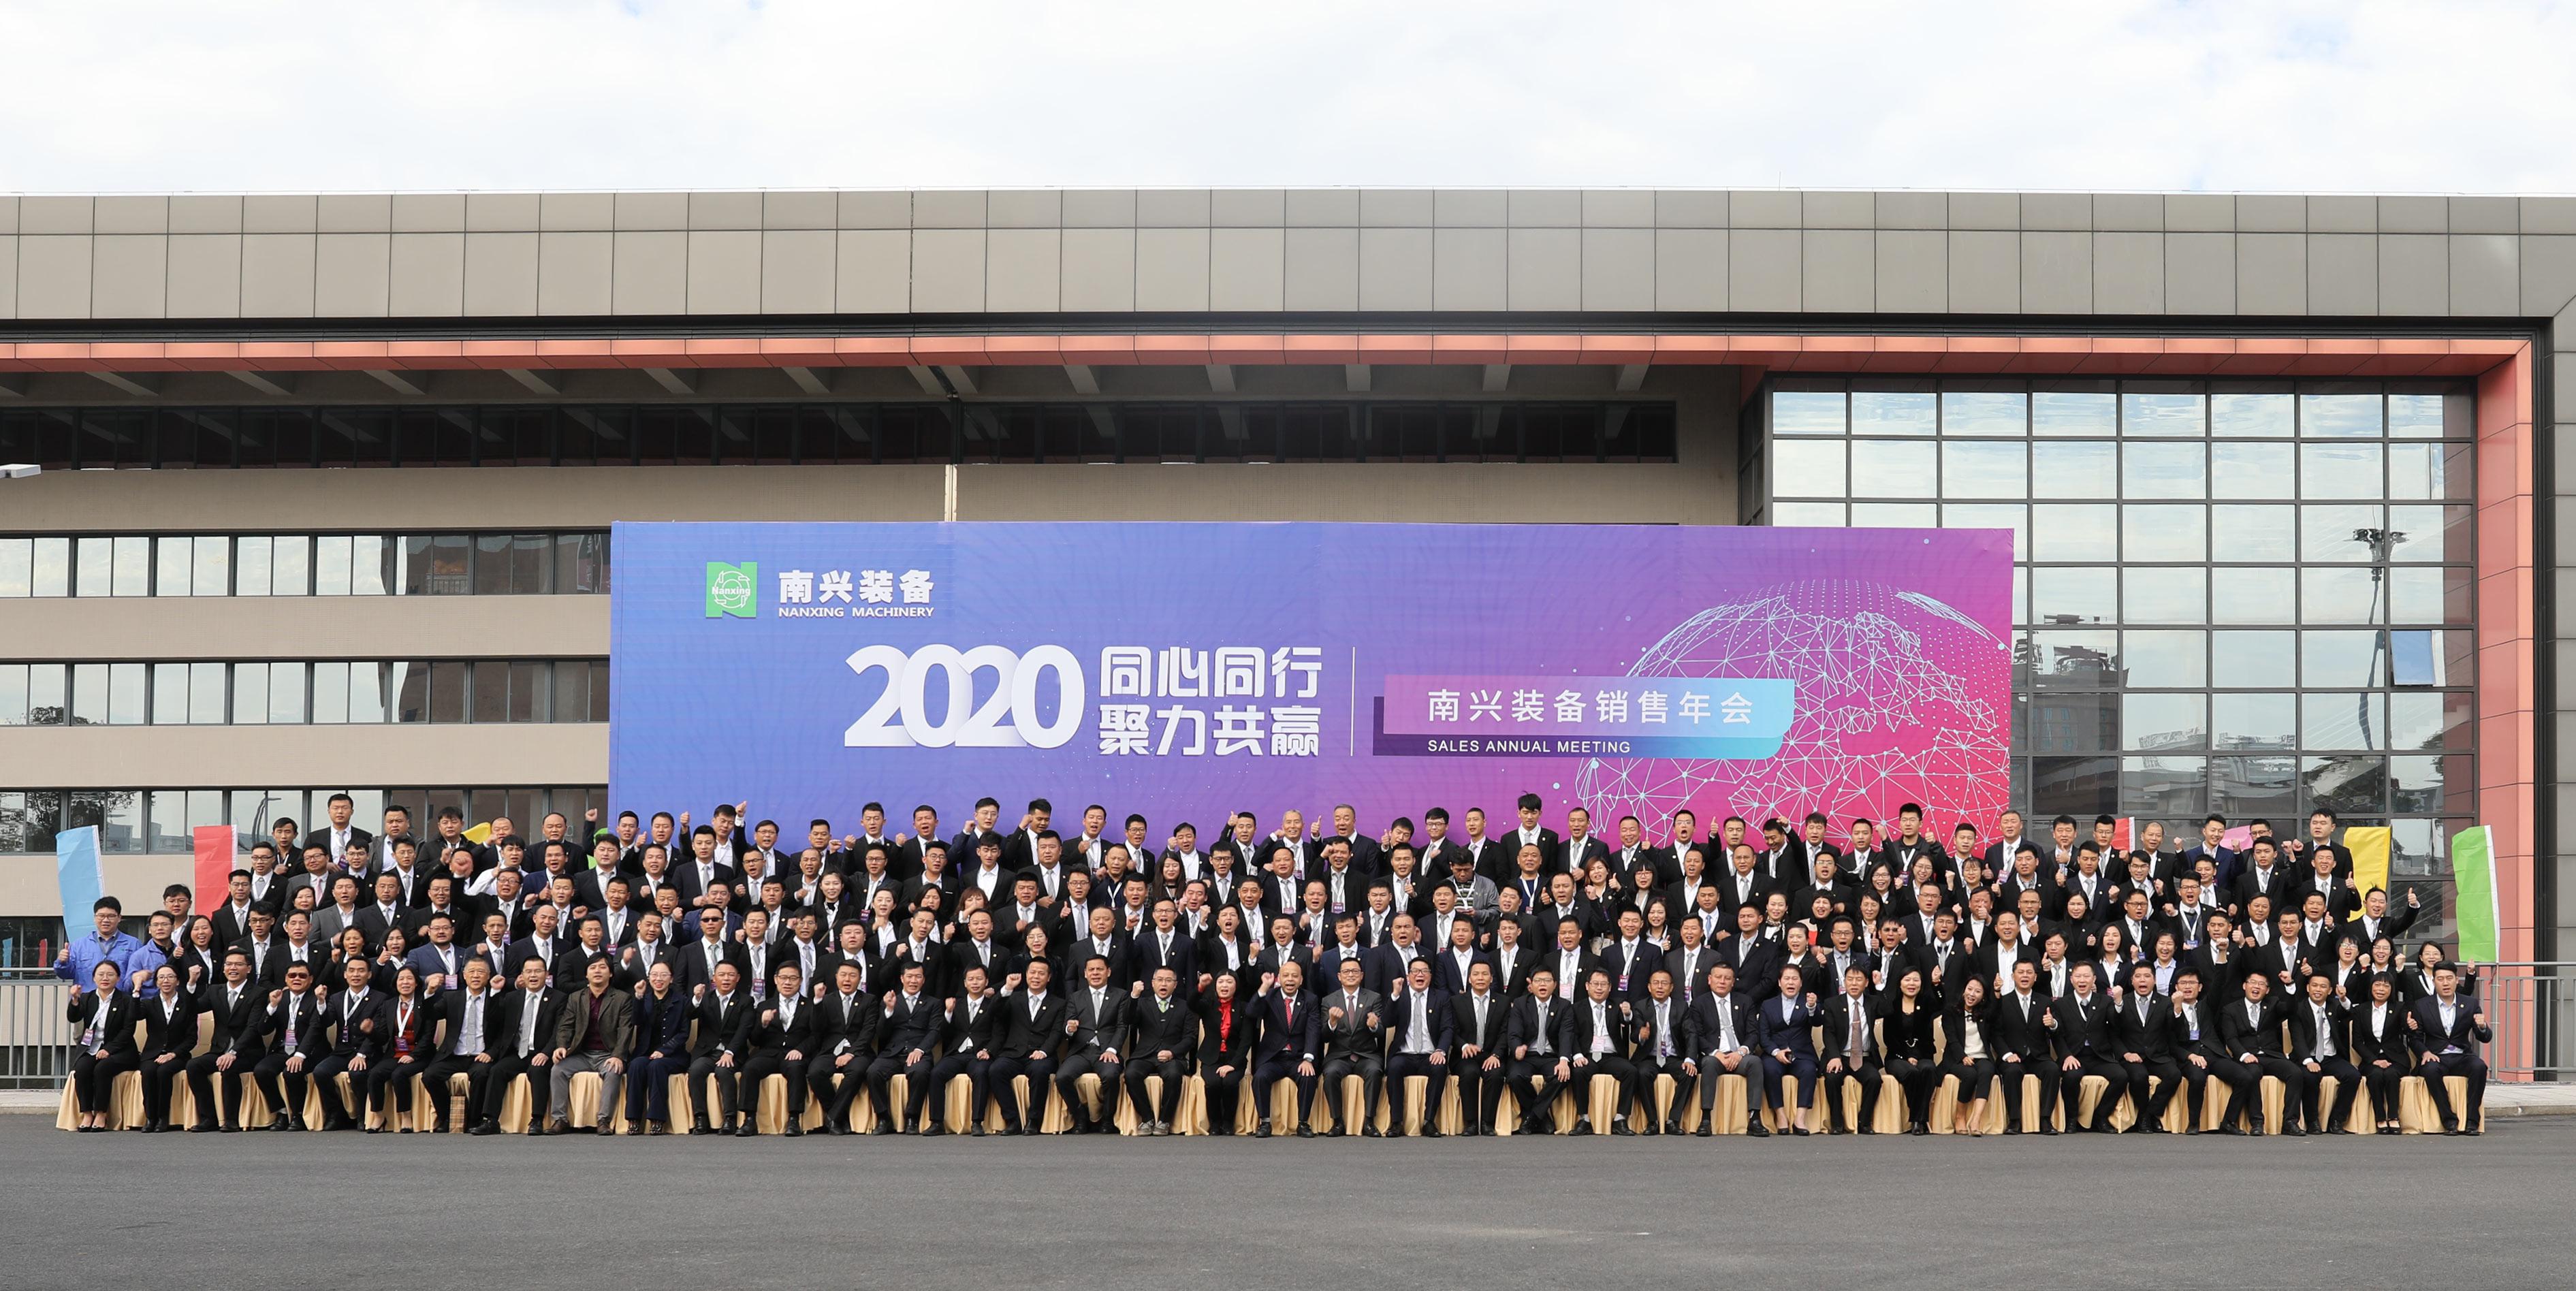 2020南兴装备丨同心同行 聚力共赢